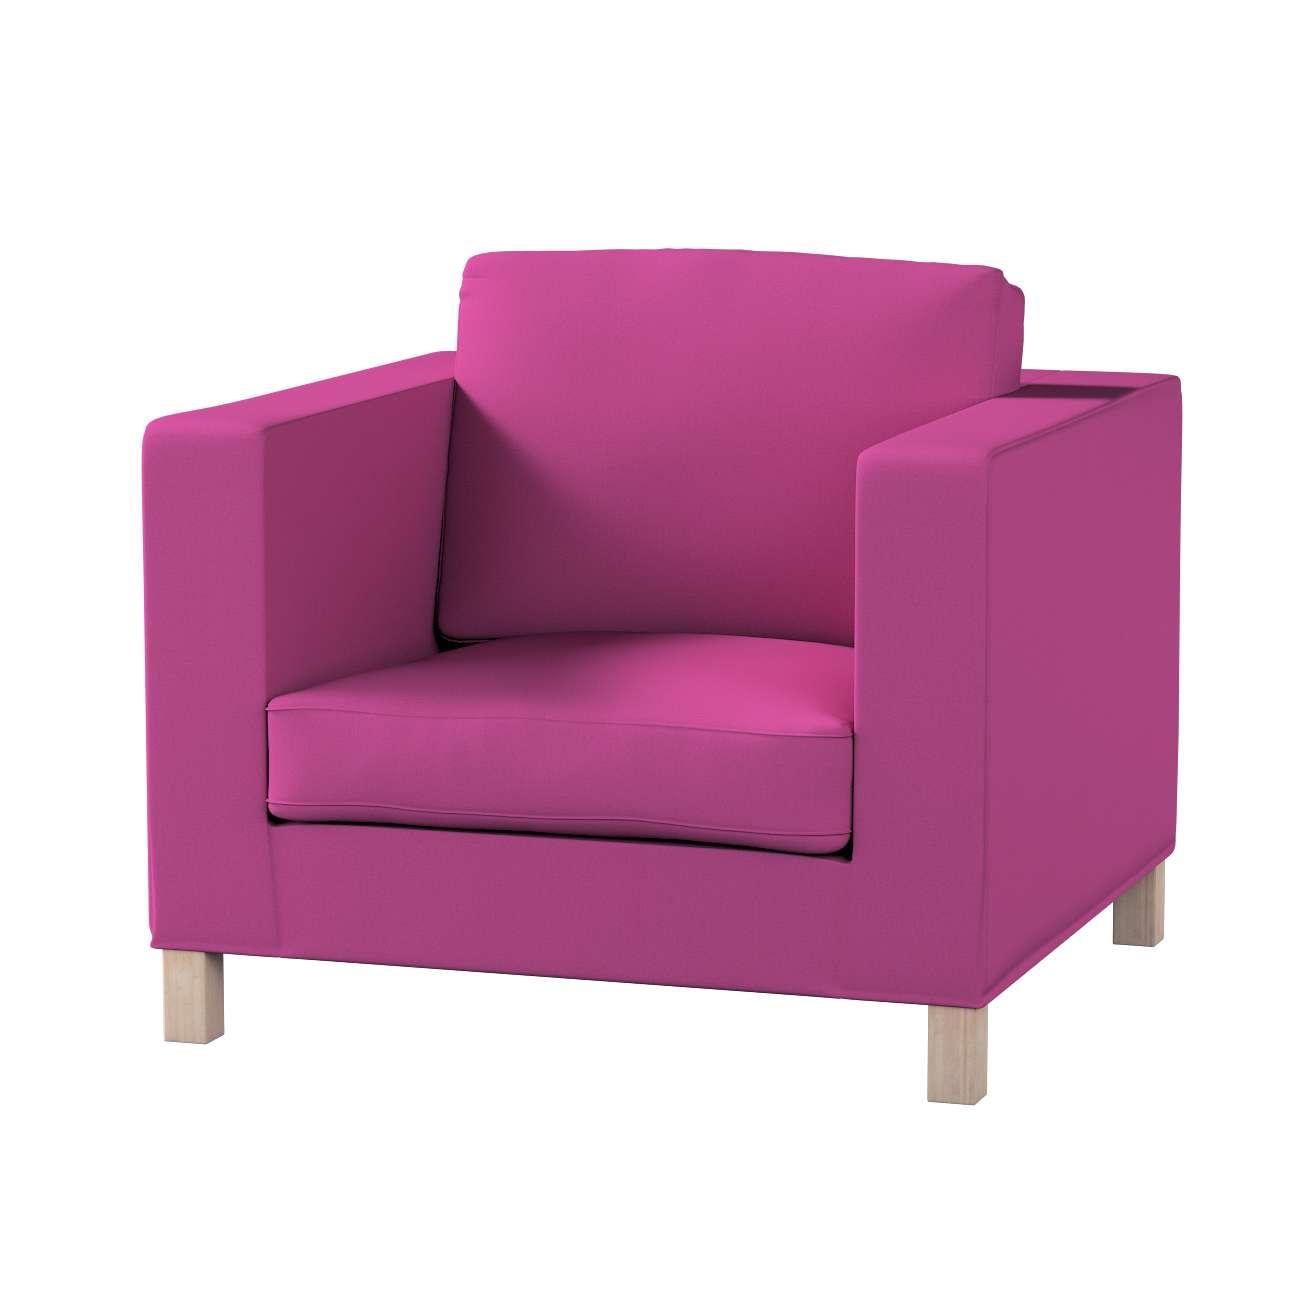 KARLANDA fotelio užvalkalas KARLANDA fotelio užvalkalas kolekcijoje Etna , audinys: 705-23